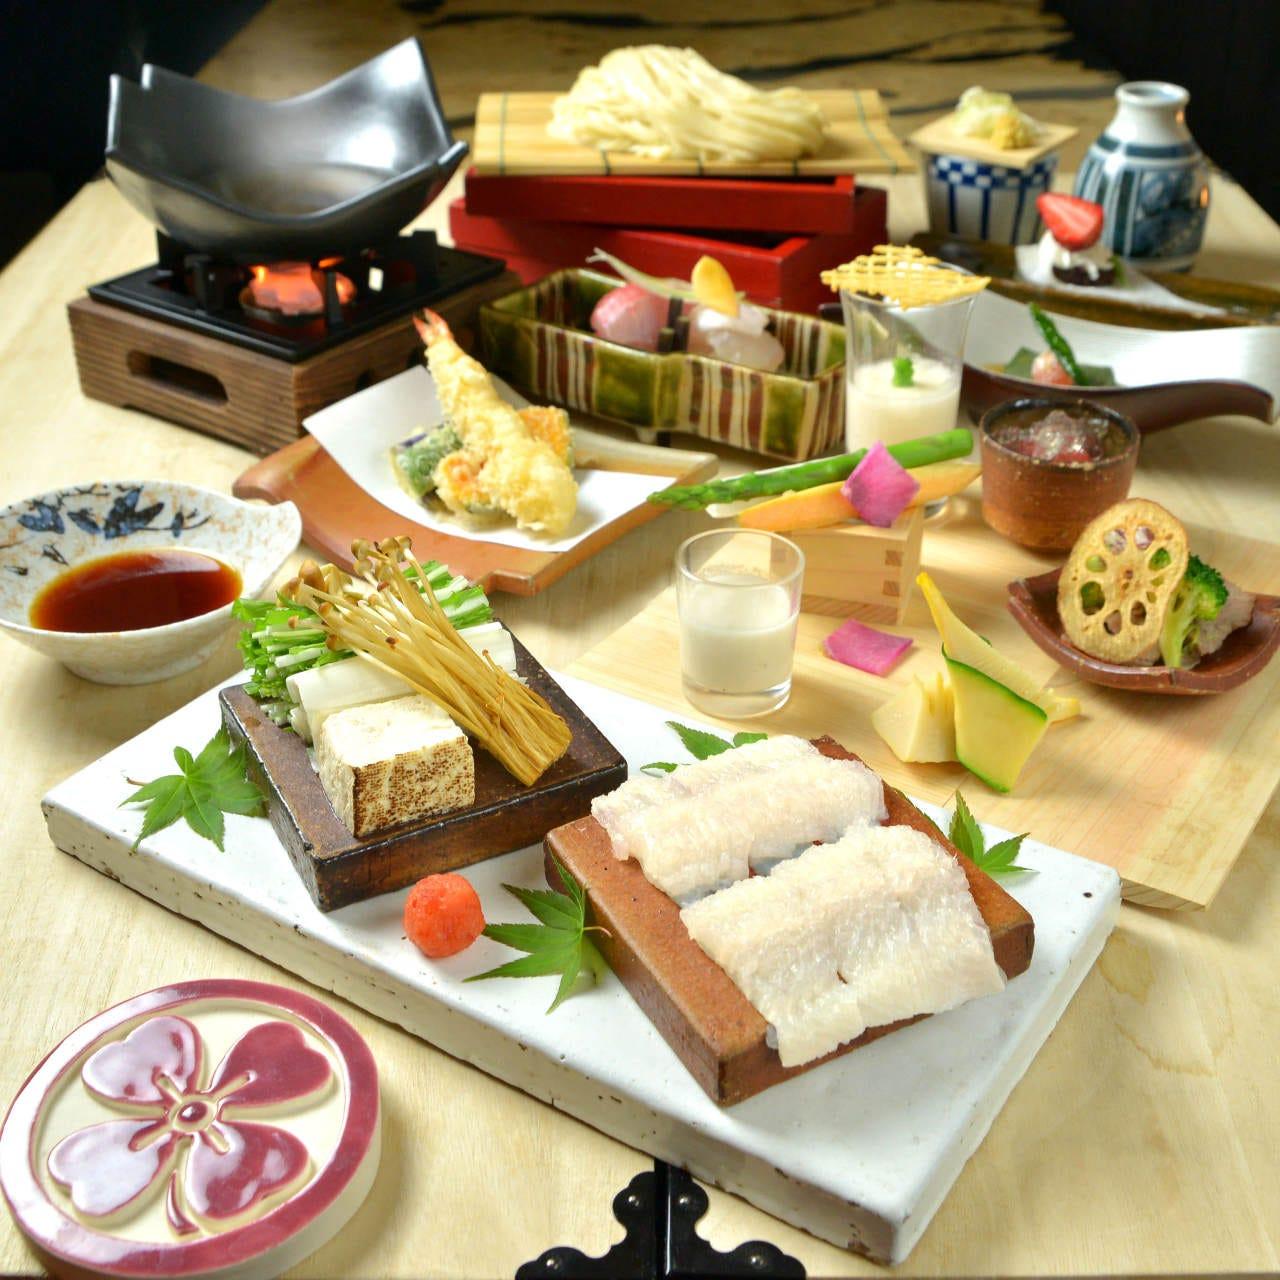 【定番♪■久露葉コース】 神楽坂お洒落な一軒家の季節和食や天ぷらうどん会席で特別な食事会を  5000円